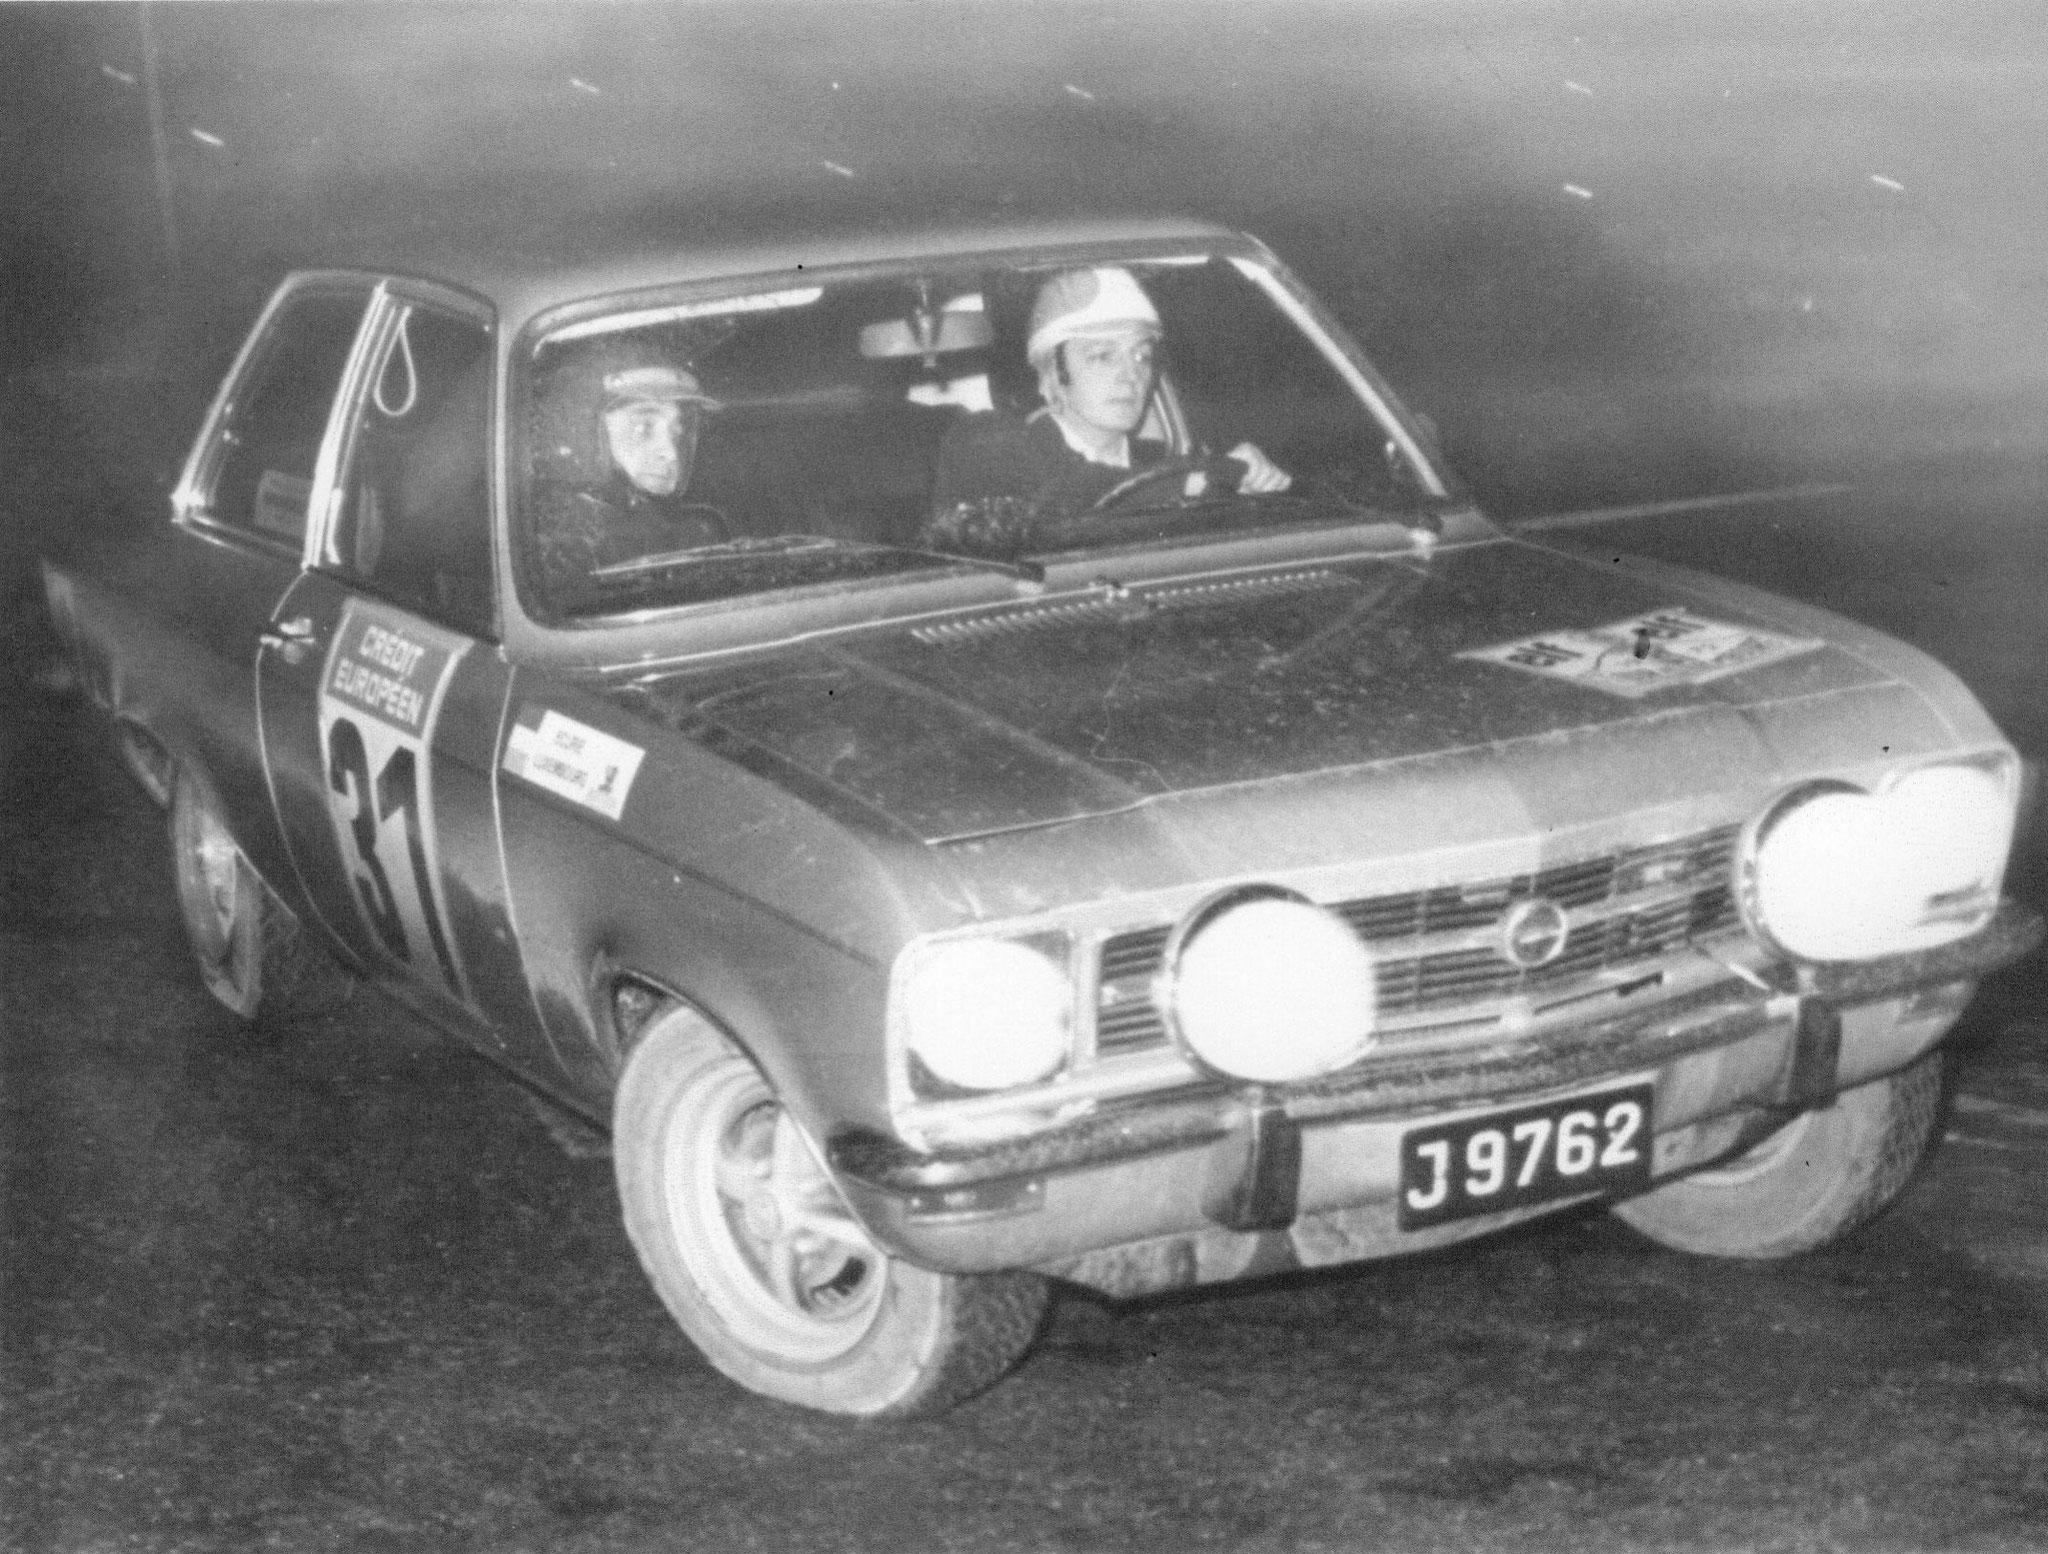 1972 Rallye du Touquet 9ième au Général / 1ier du Groupe